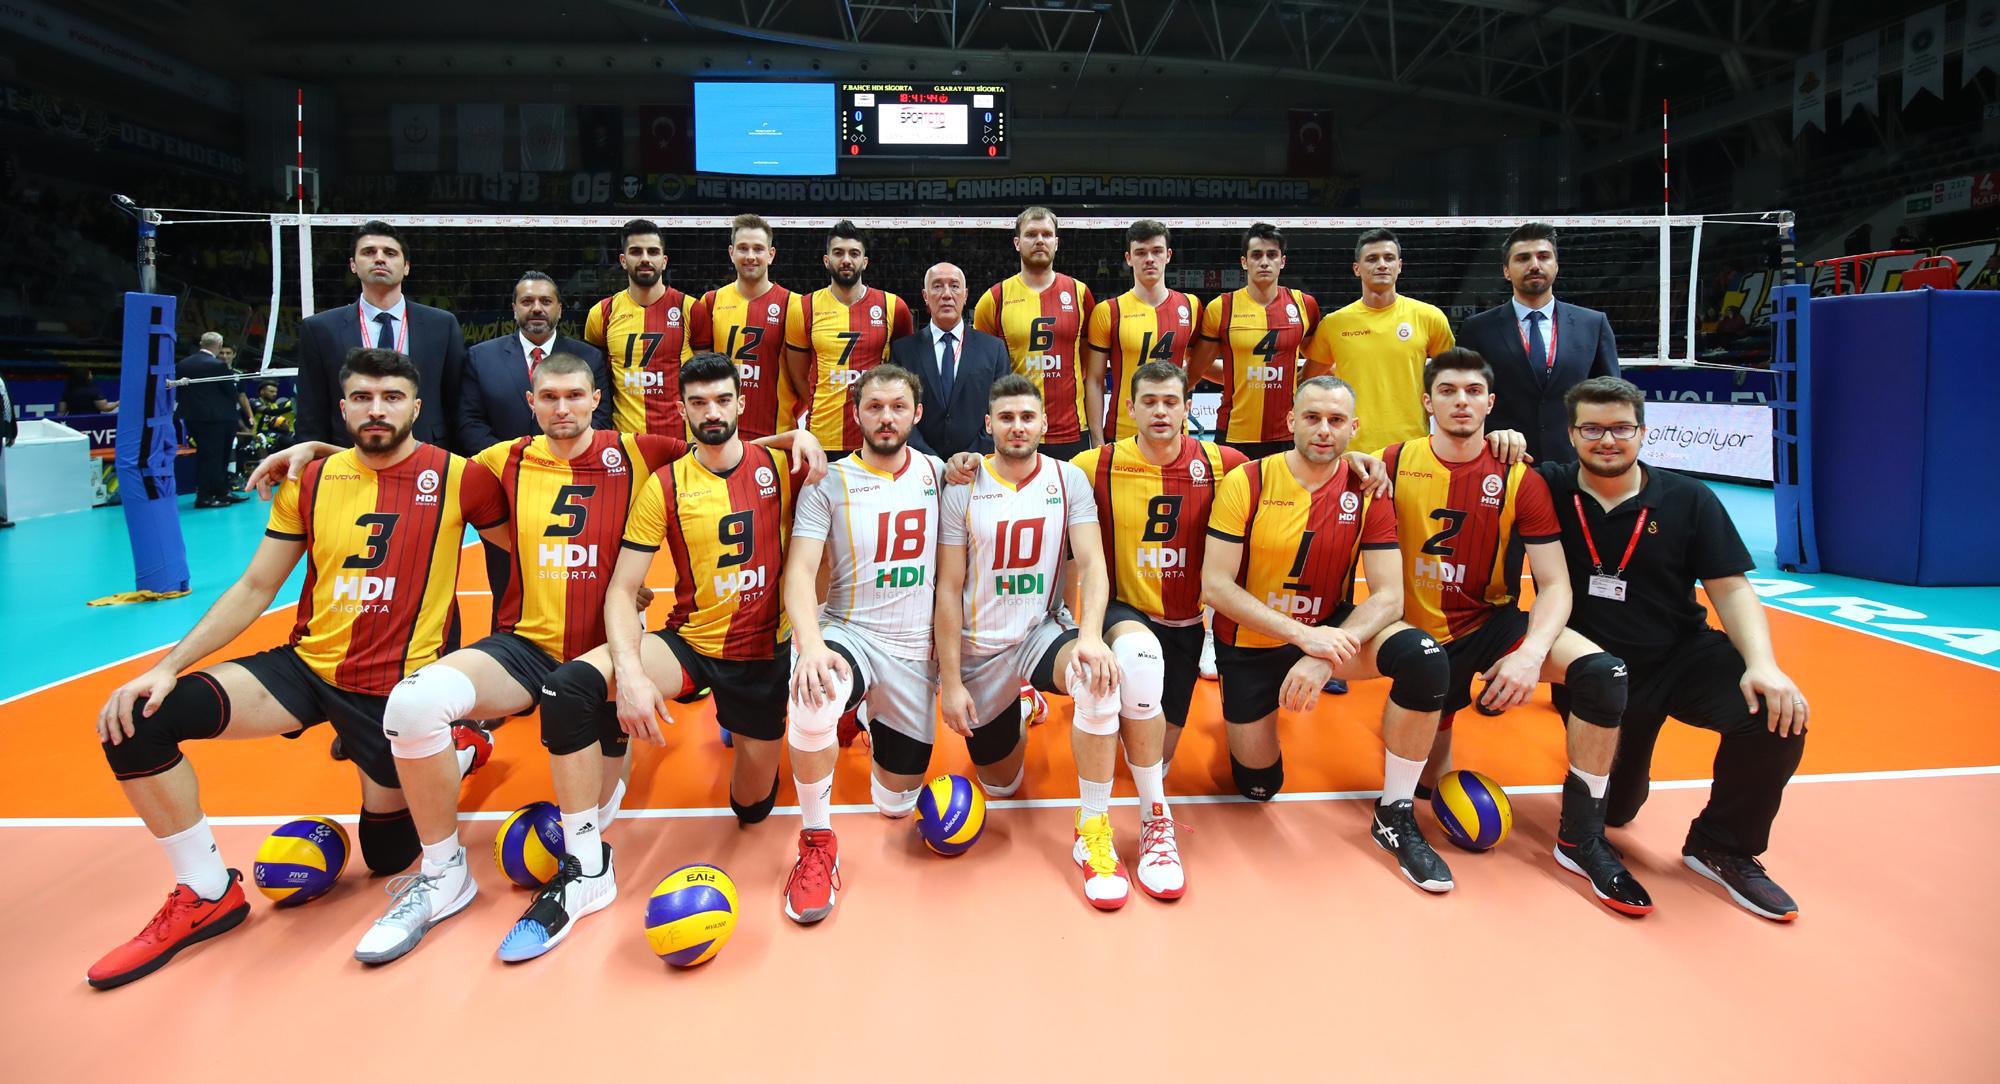 2019 Erkekler Spor Toto Şampiyonlar Kupası, Galatasaray HDI Sigorta'nın oldu